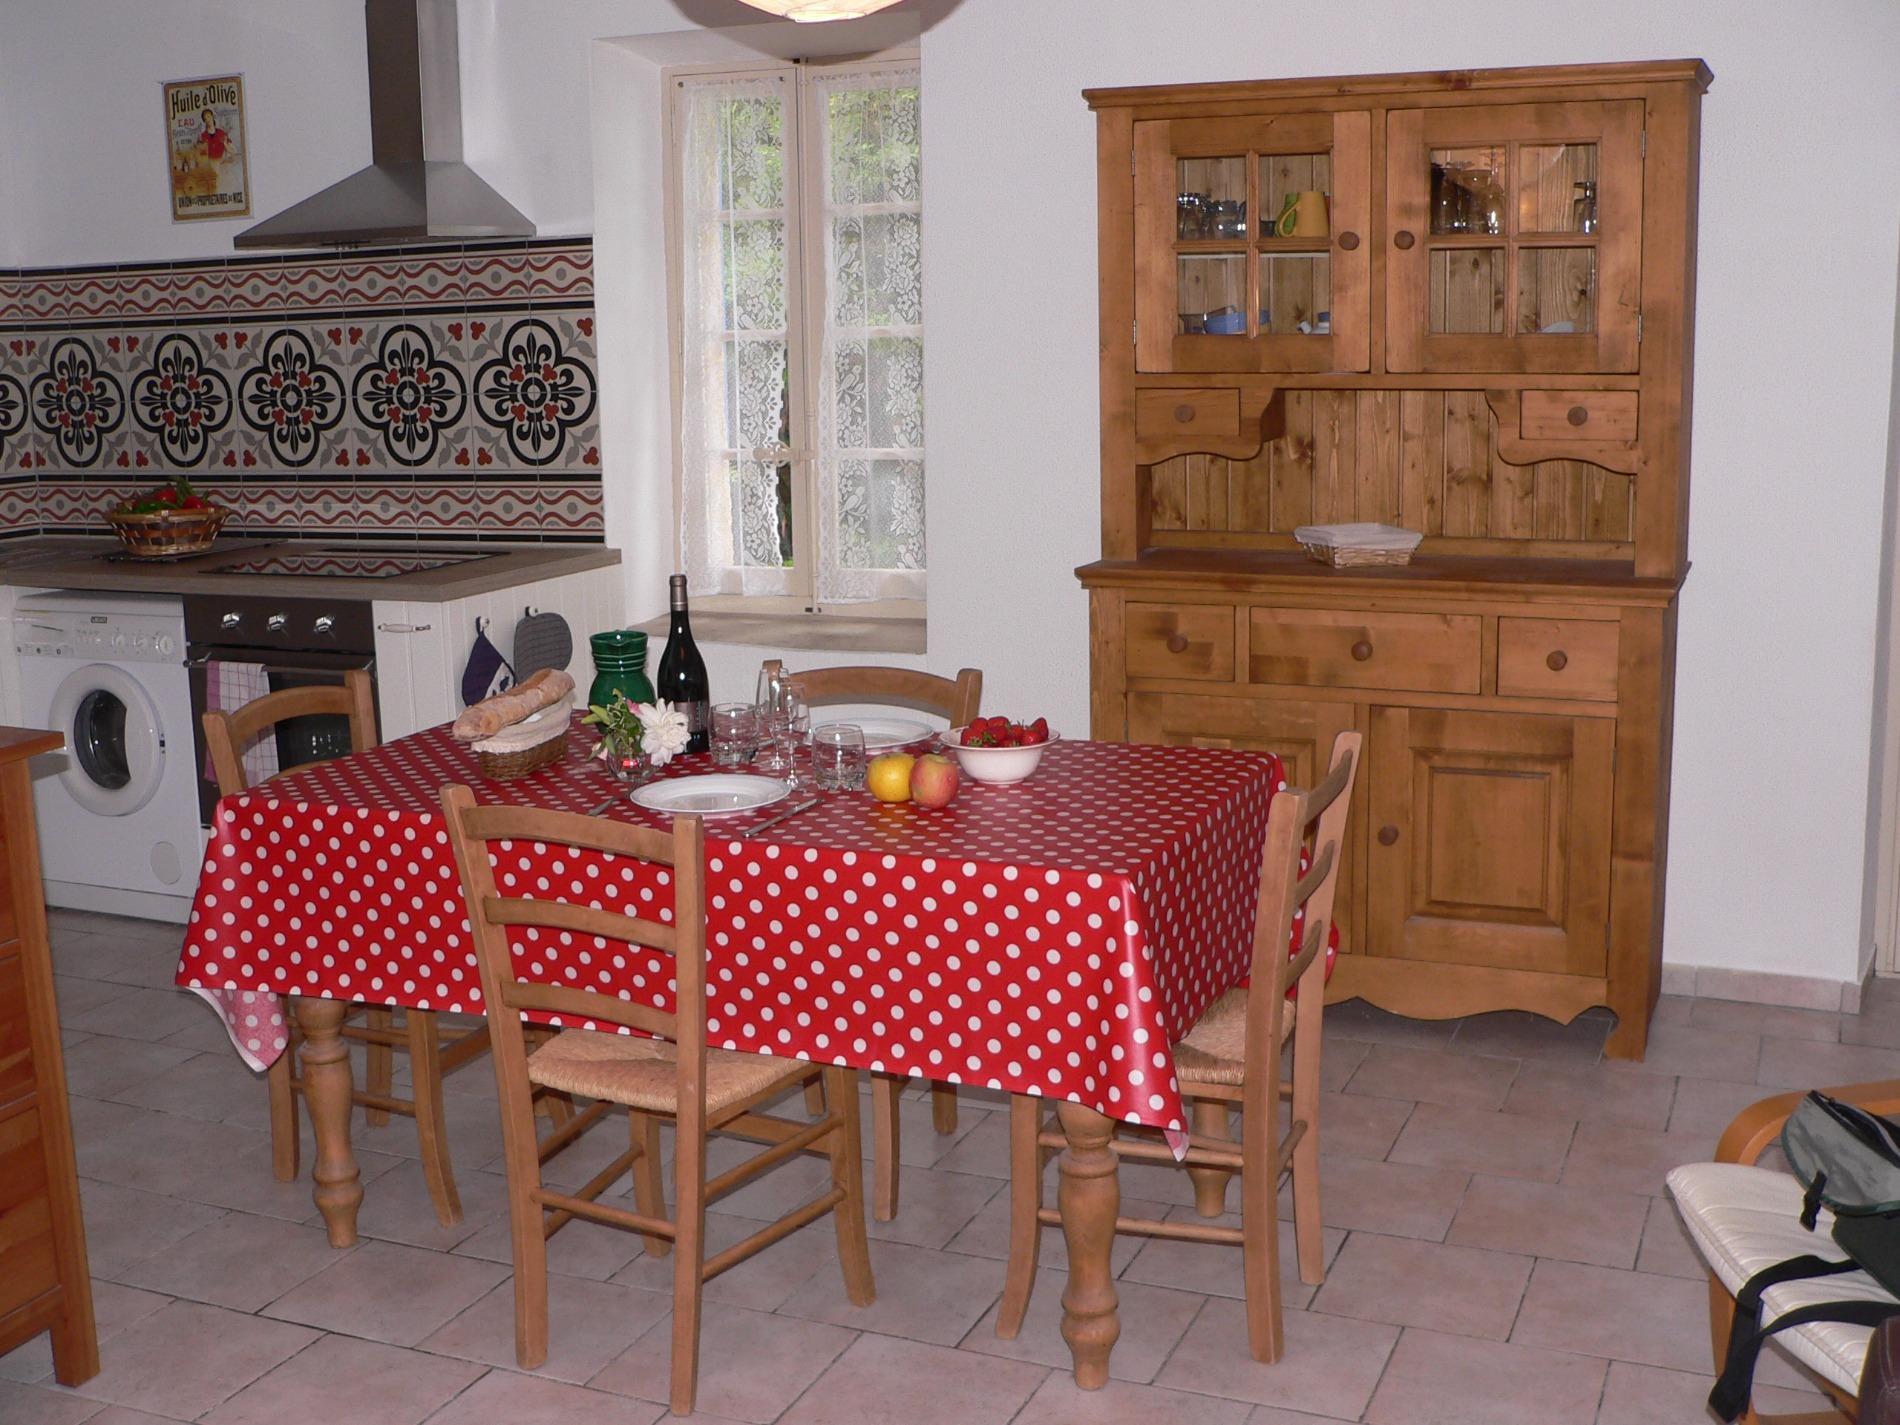 Offres locations vacances joli t2 en campagne for Ada salon de provence